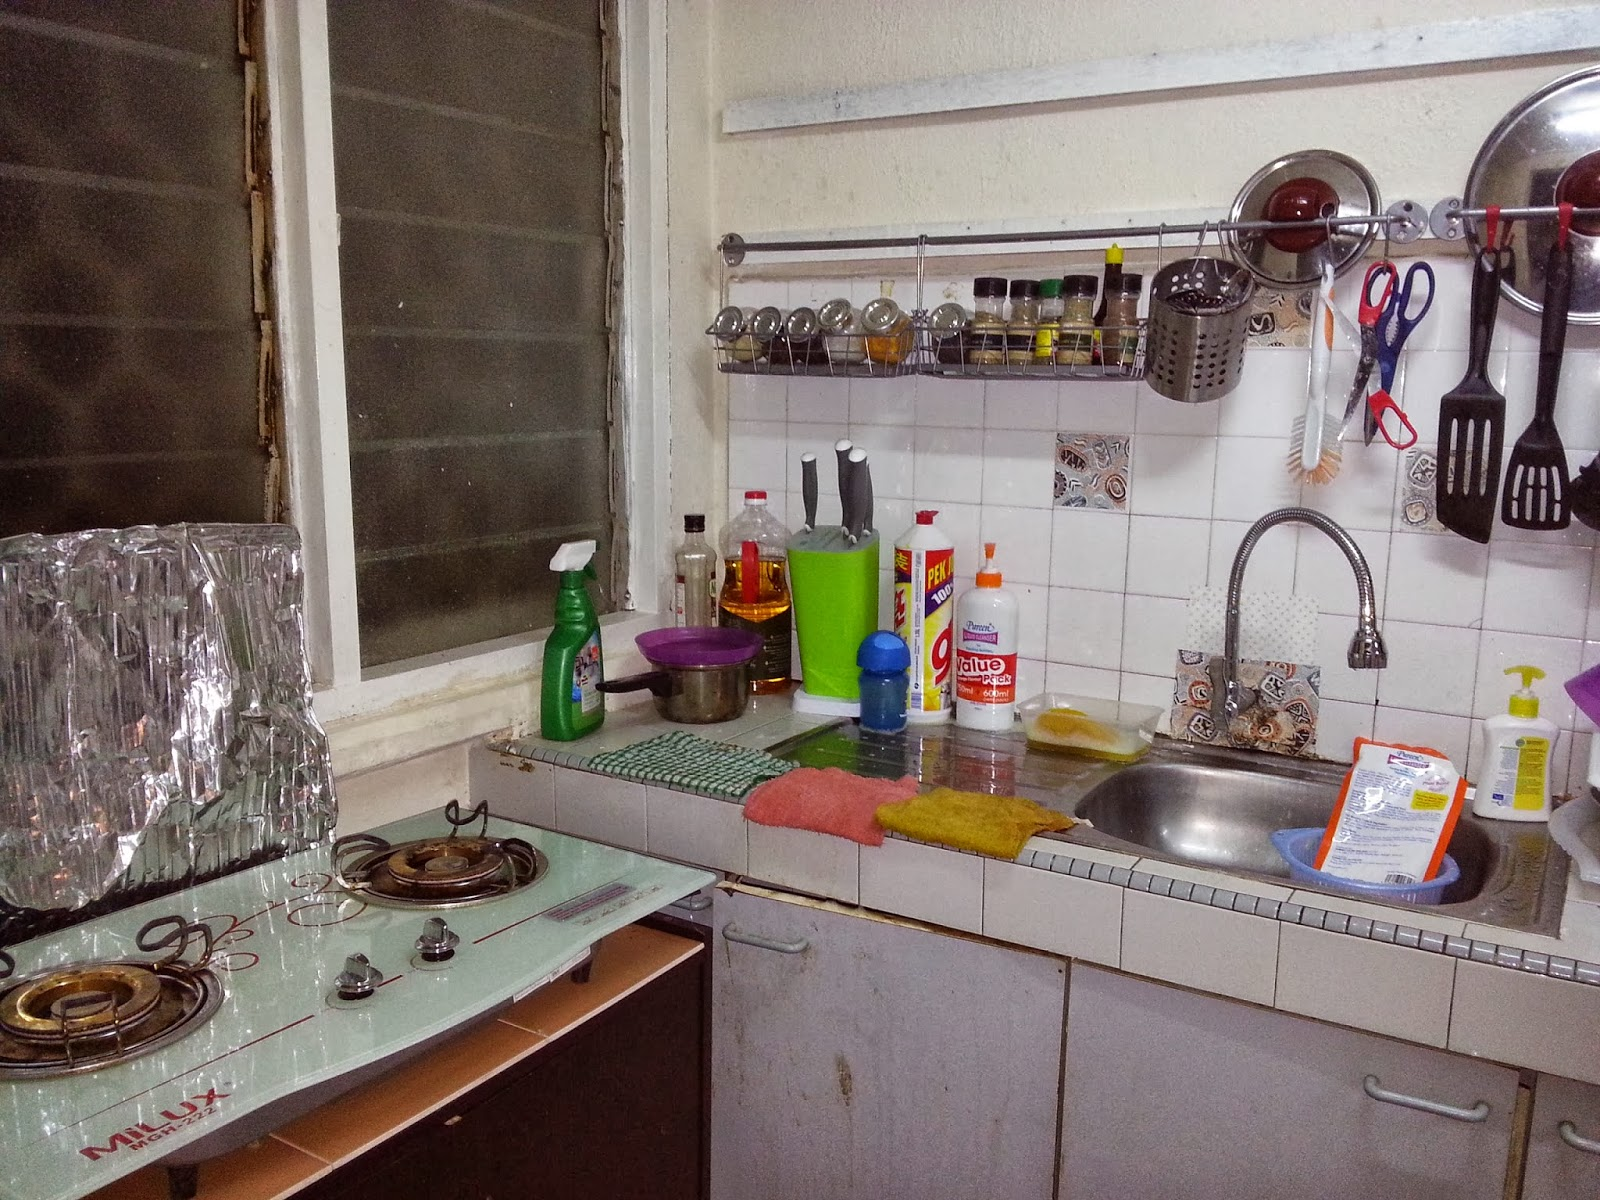 Ni Gambar Lama Tadi Tak Sampai Ati Nak Snap Dapur Selekeh Bukan Sikit Punya